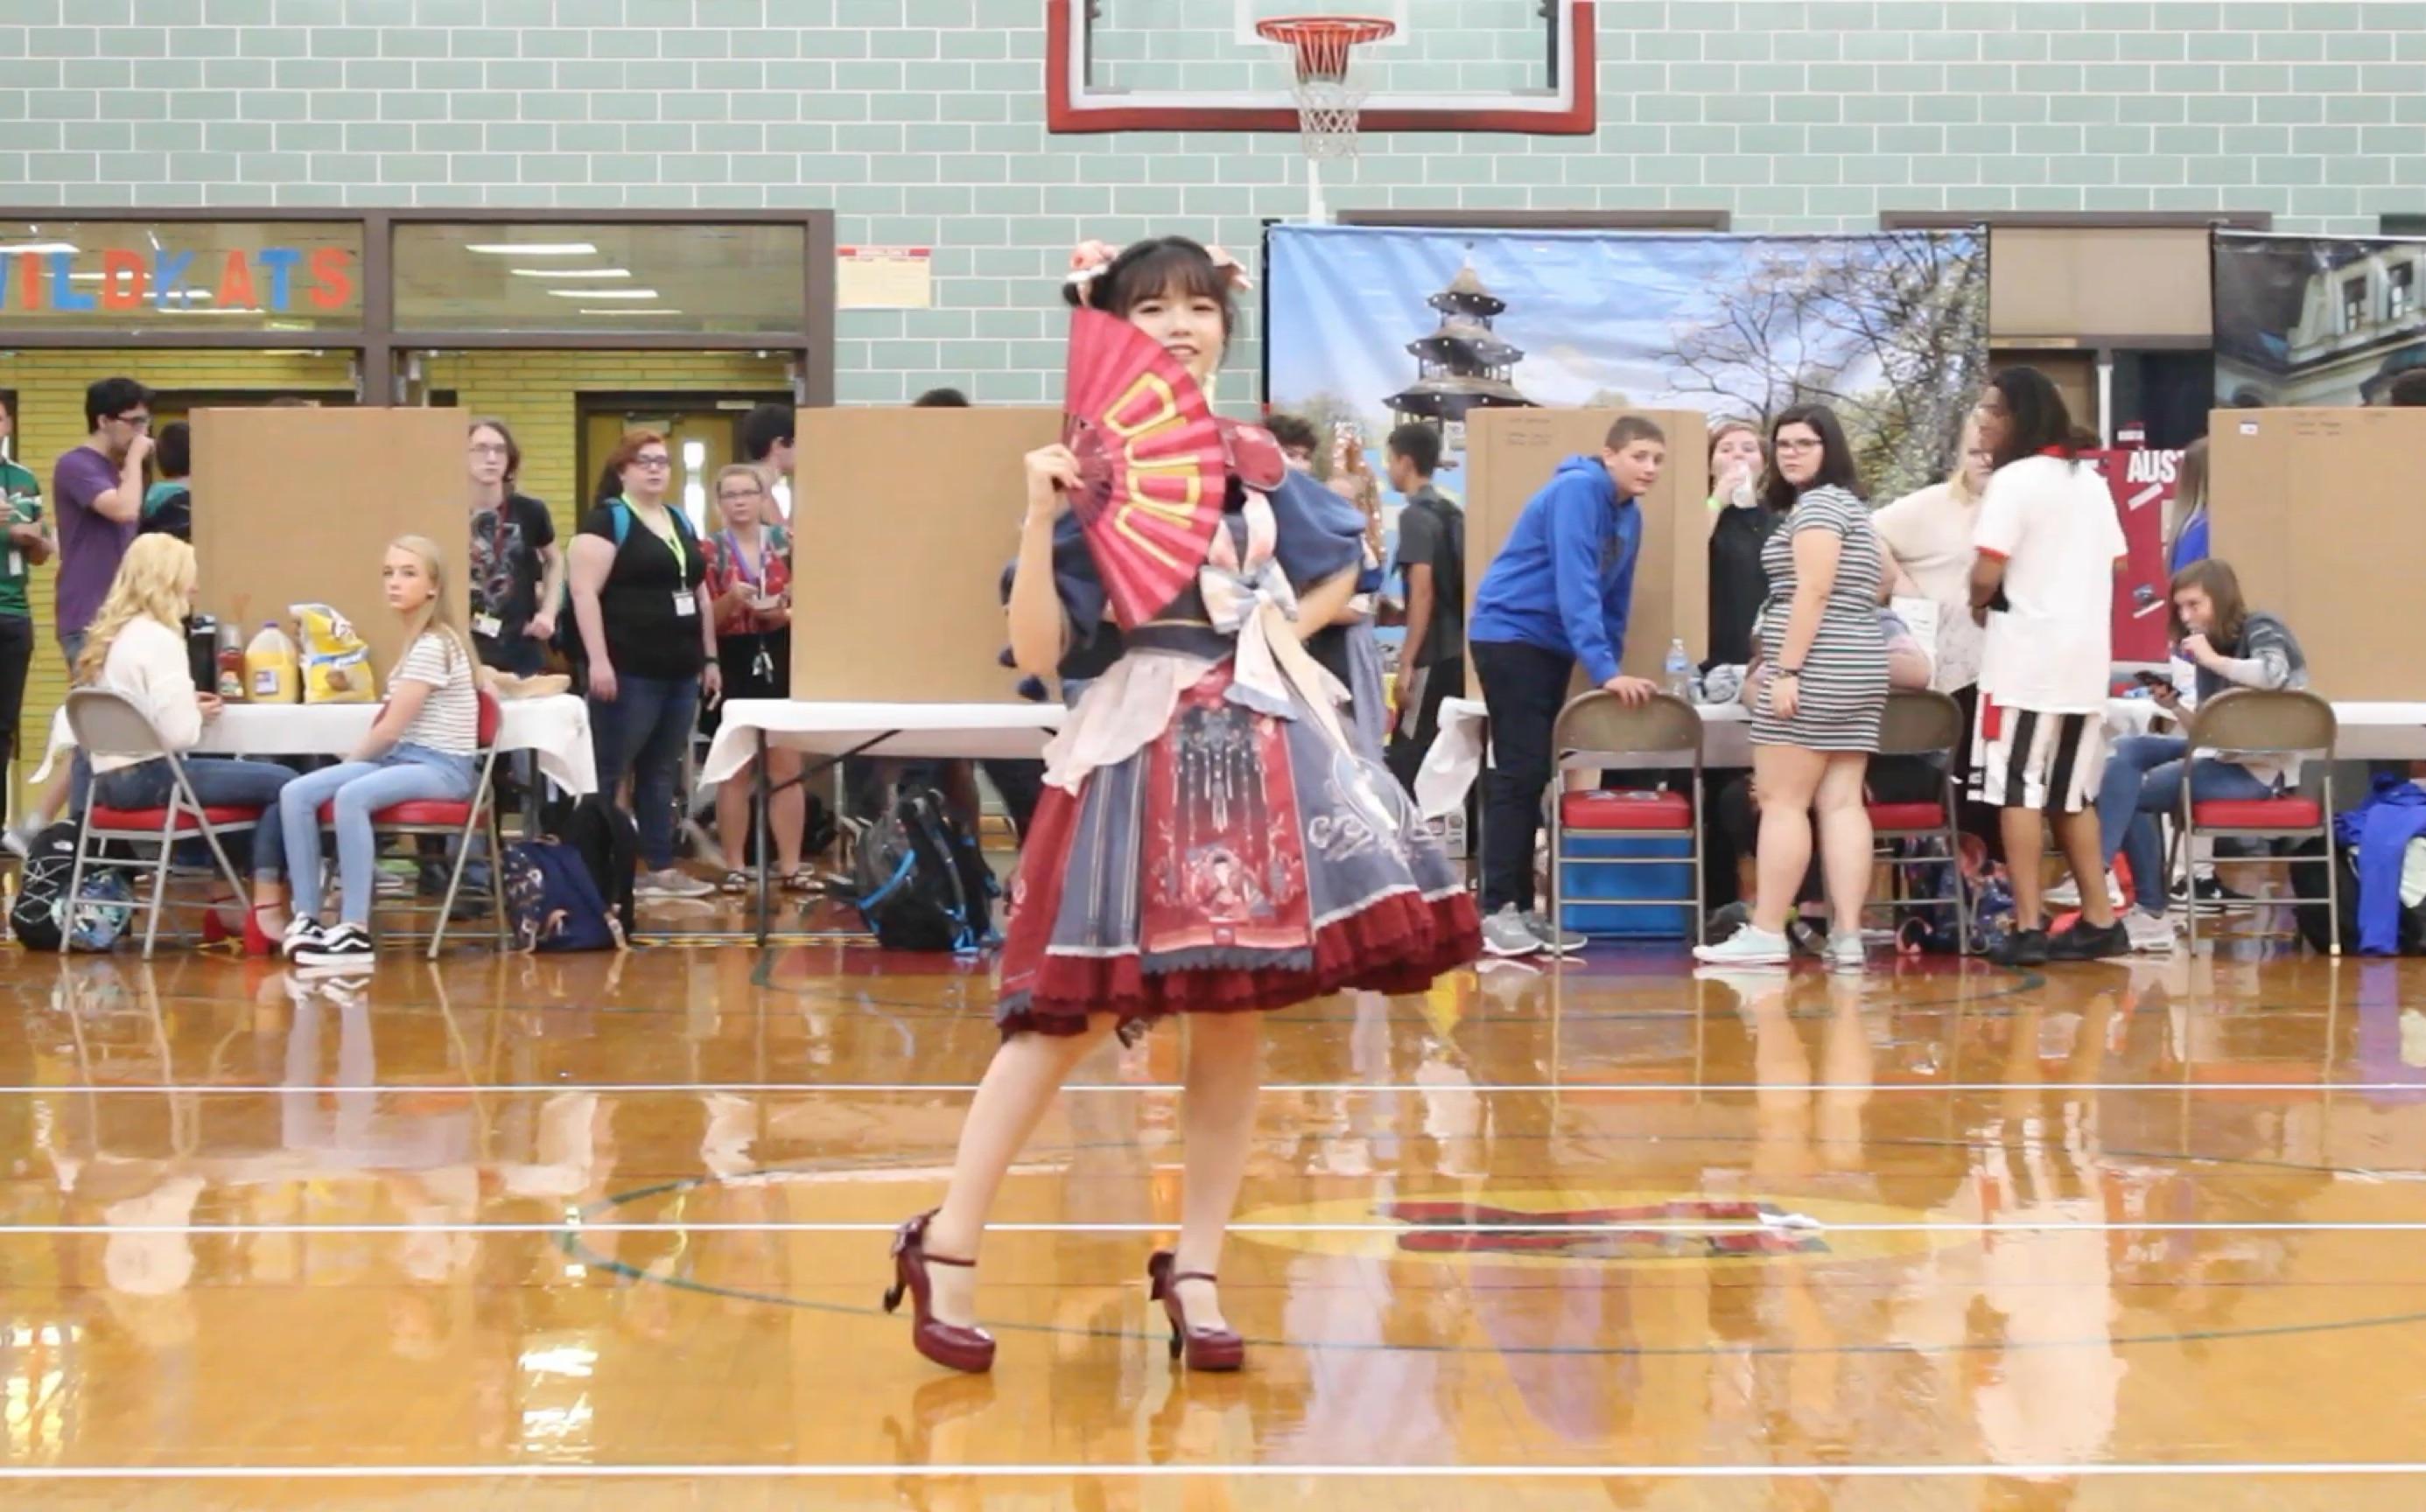 【DUDU】寄明月美国高中国际节现场版